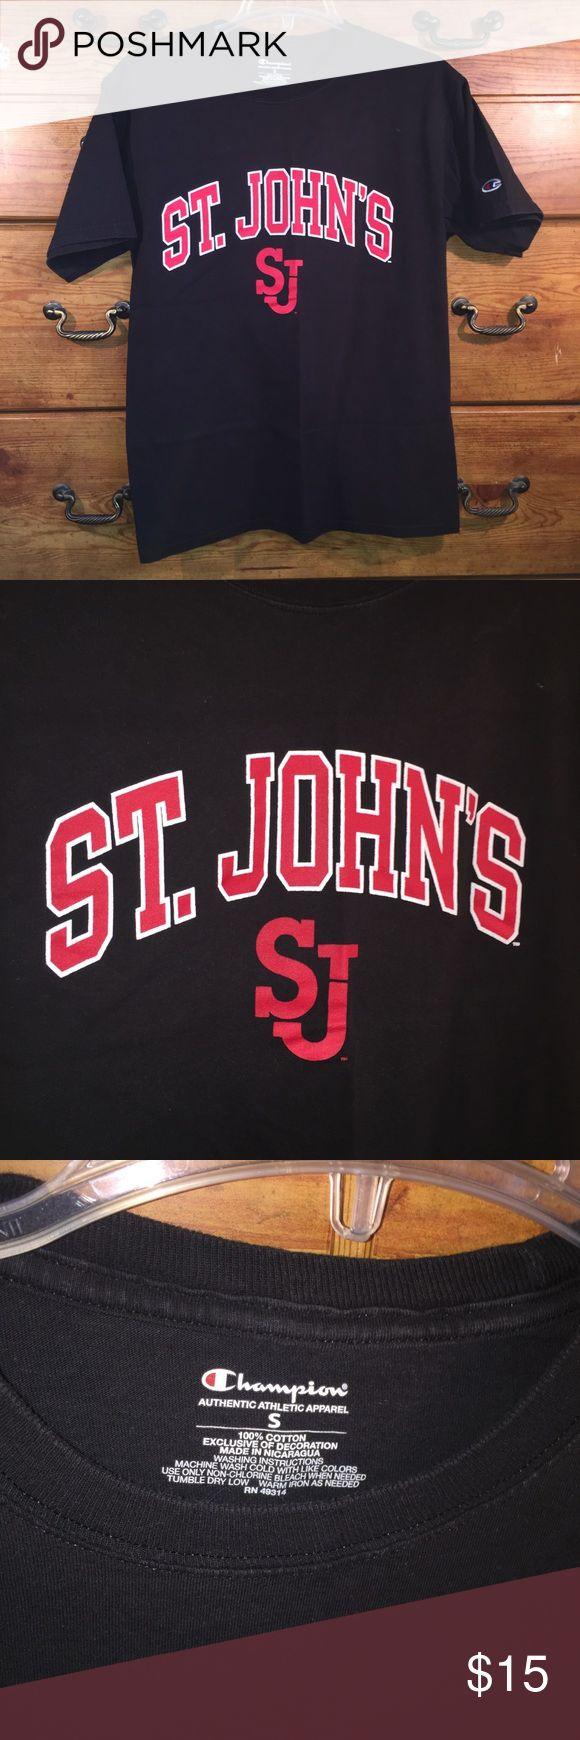 Champion st john s men s t shirt sz s